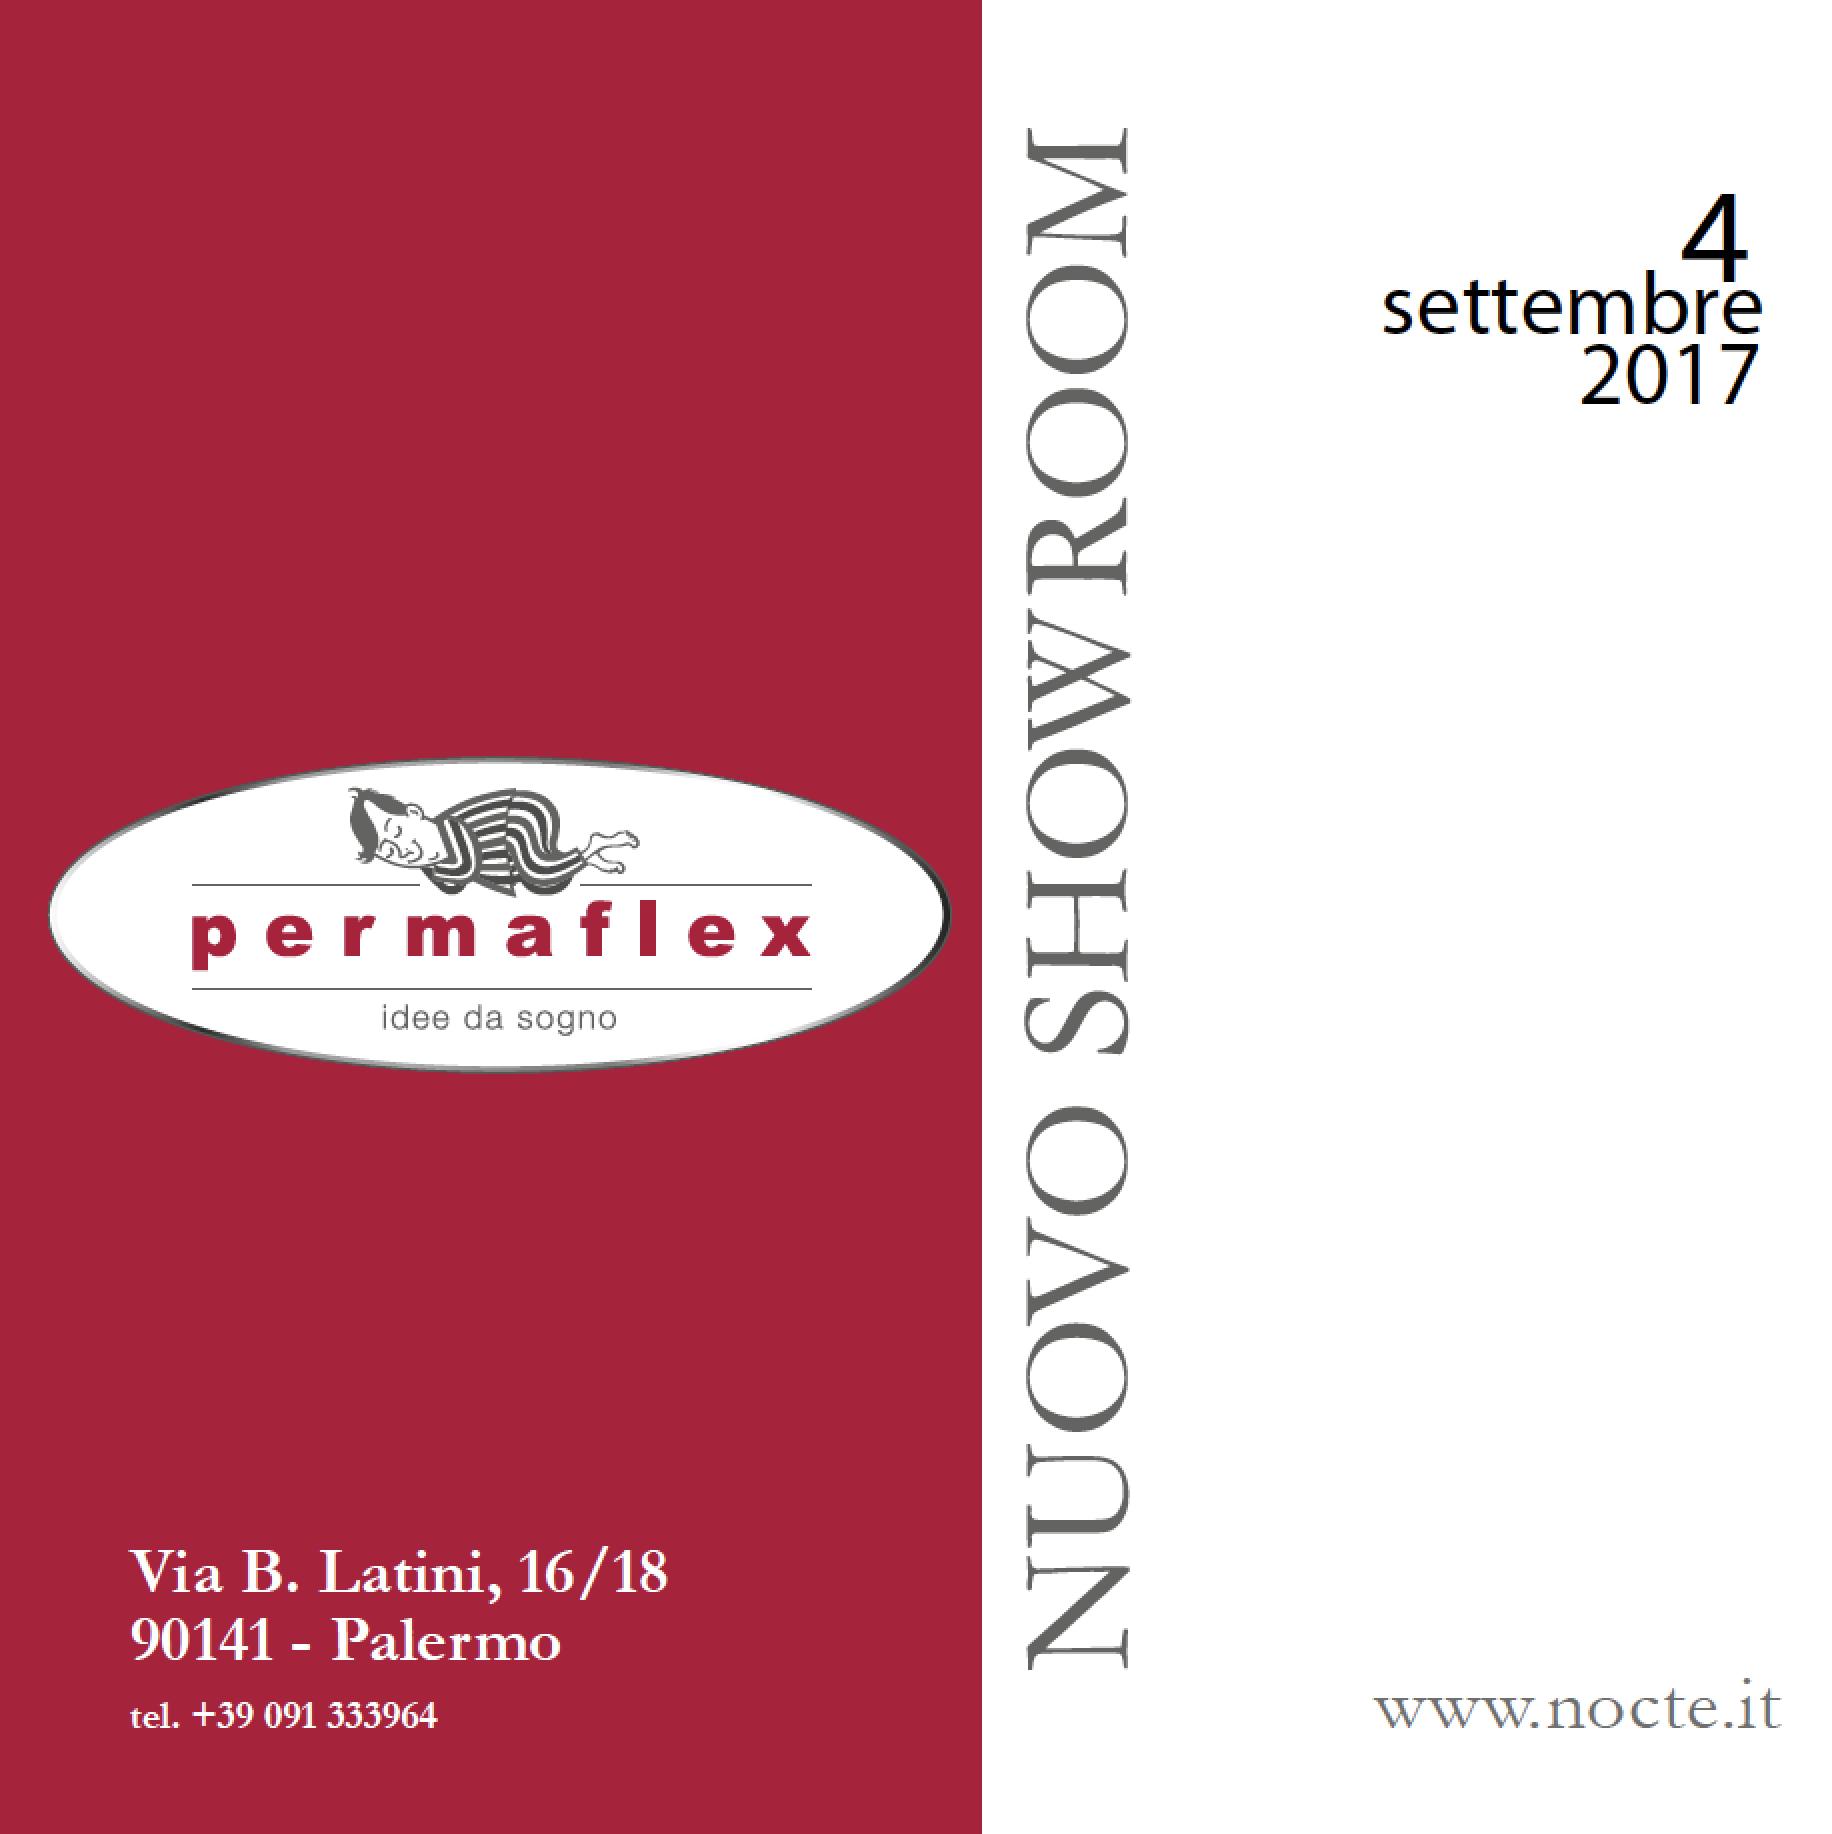 Centro Permaflex Palermo